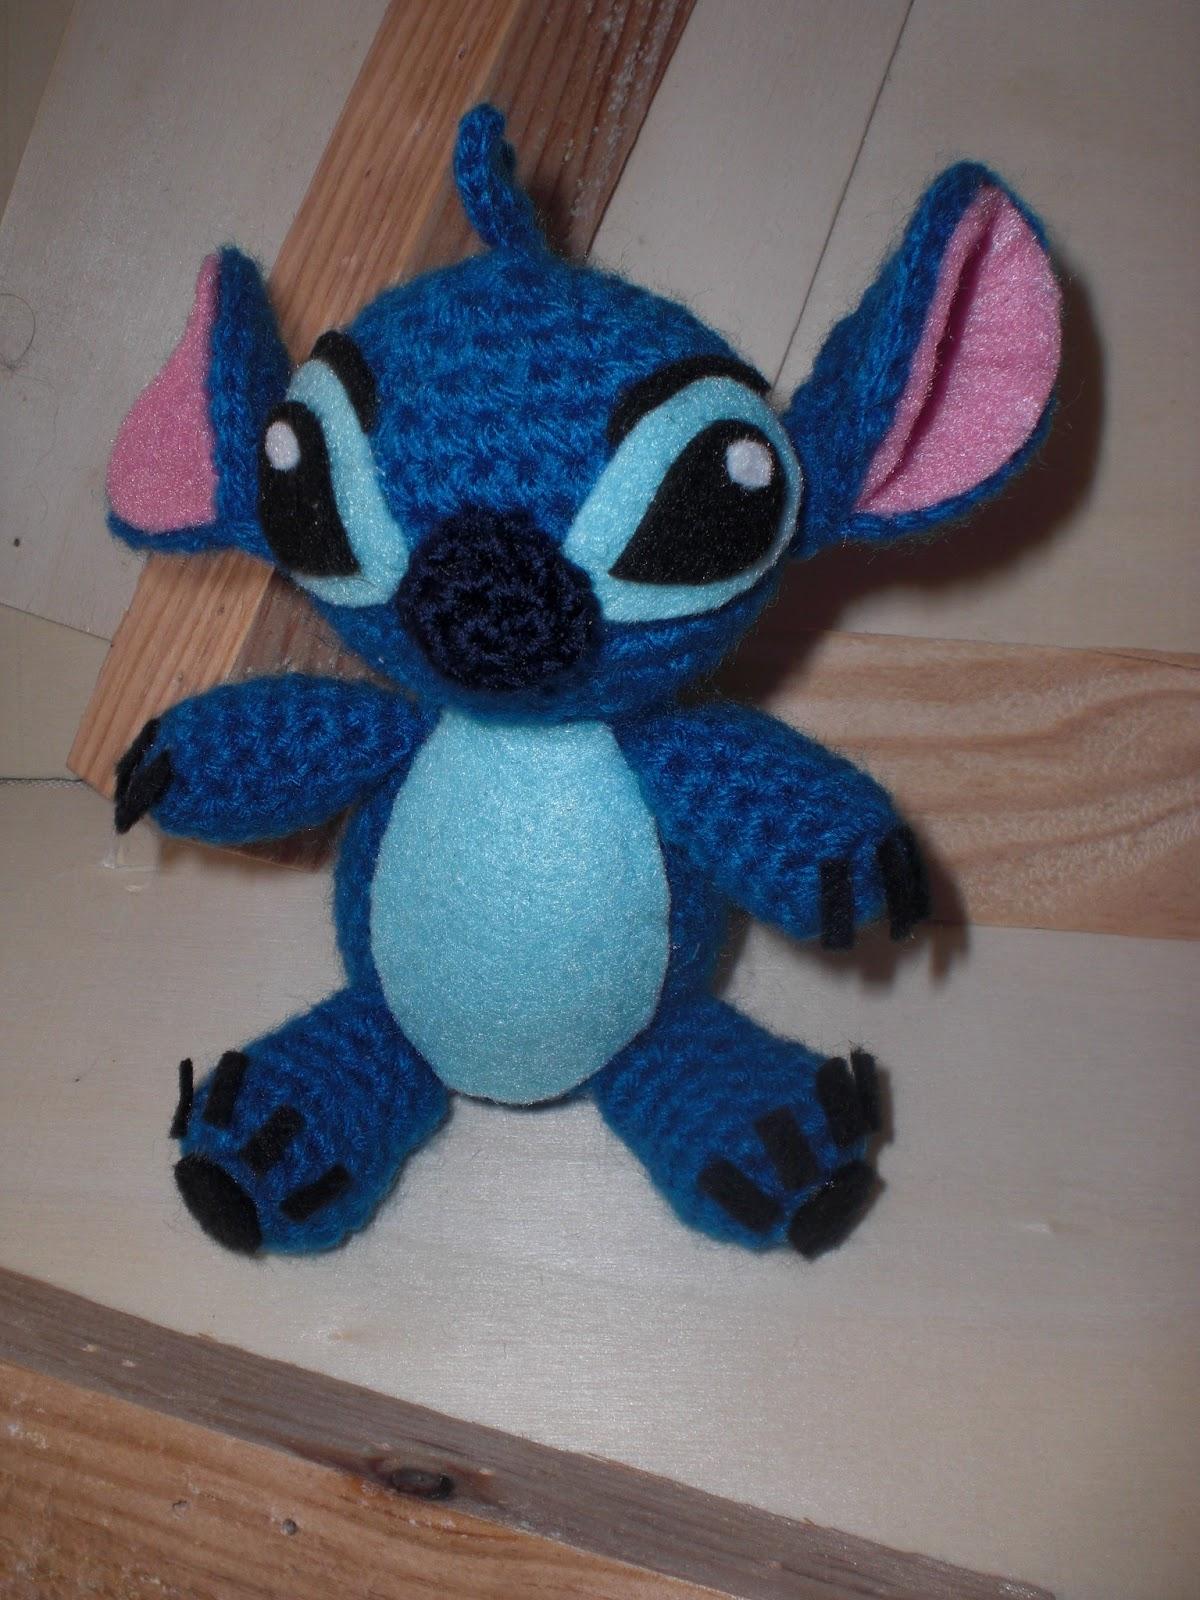 El b?ho costurero: Un nuevo encargo: amigurumi Stitch.